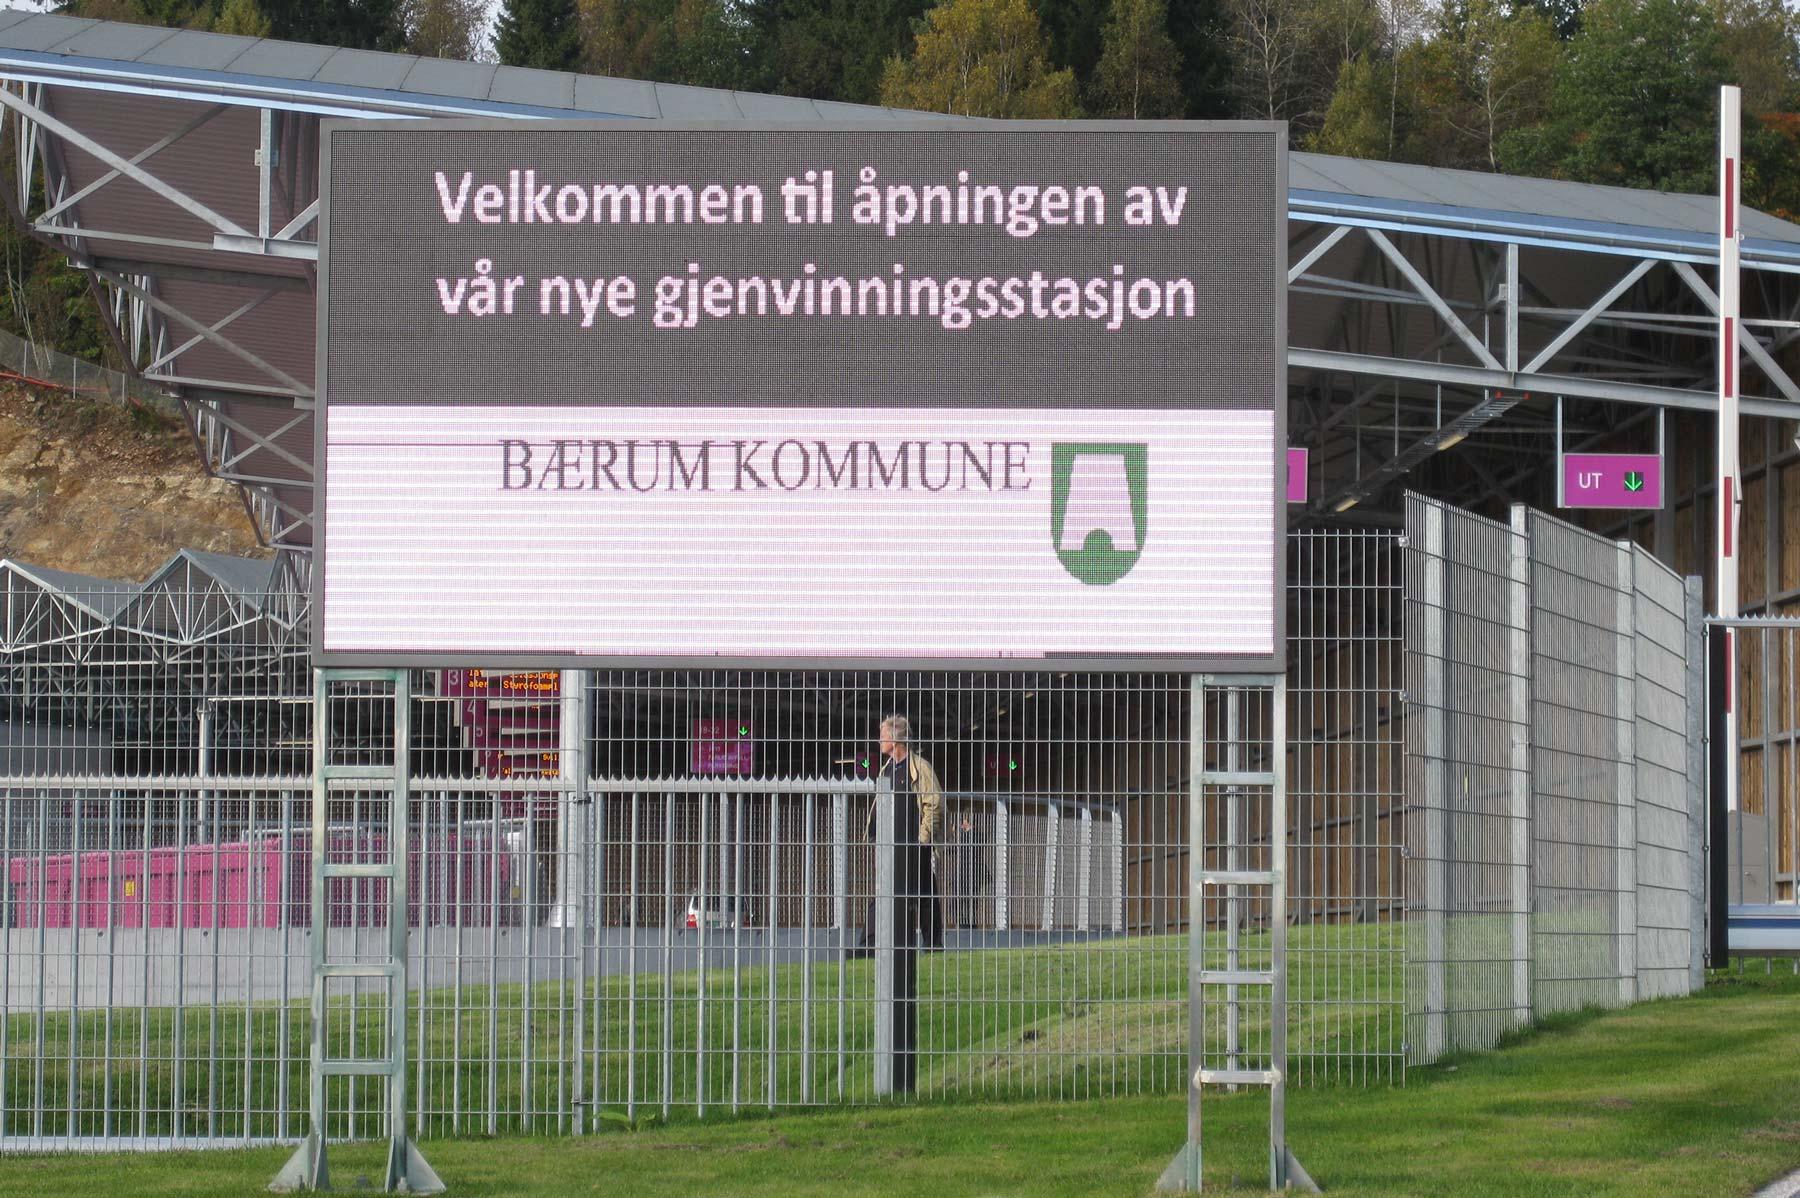 Bærum kommune, digitalt skilt Isi Gjennbrukstasjon